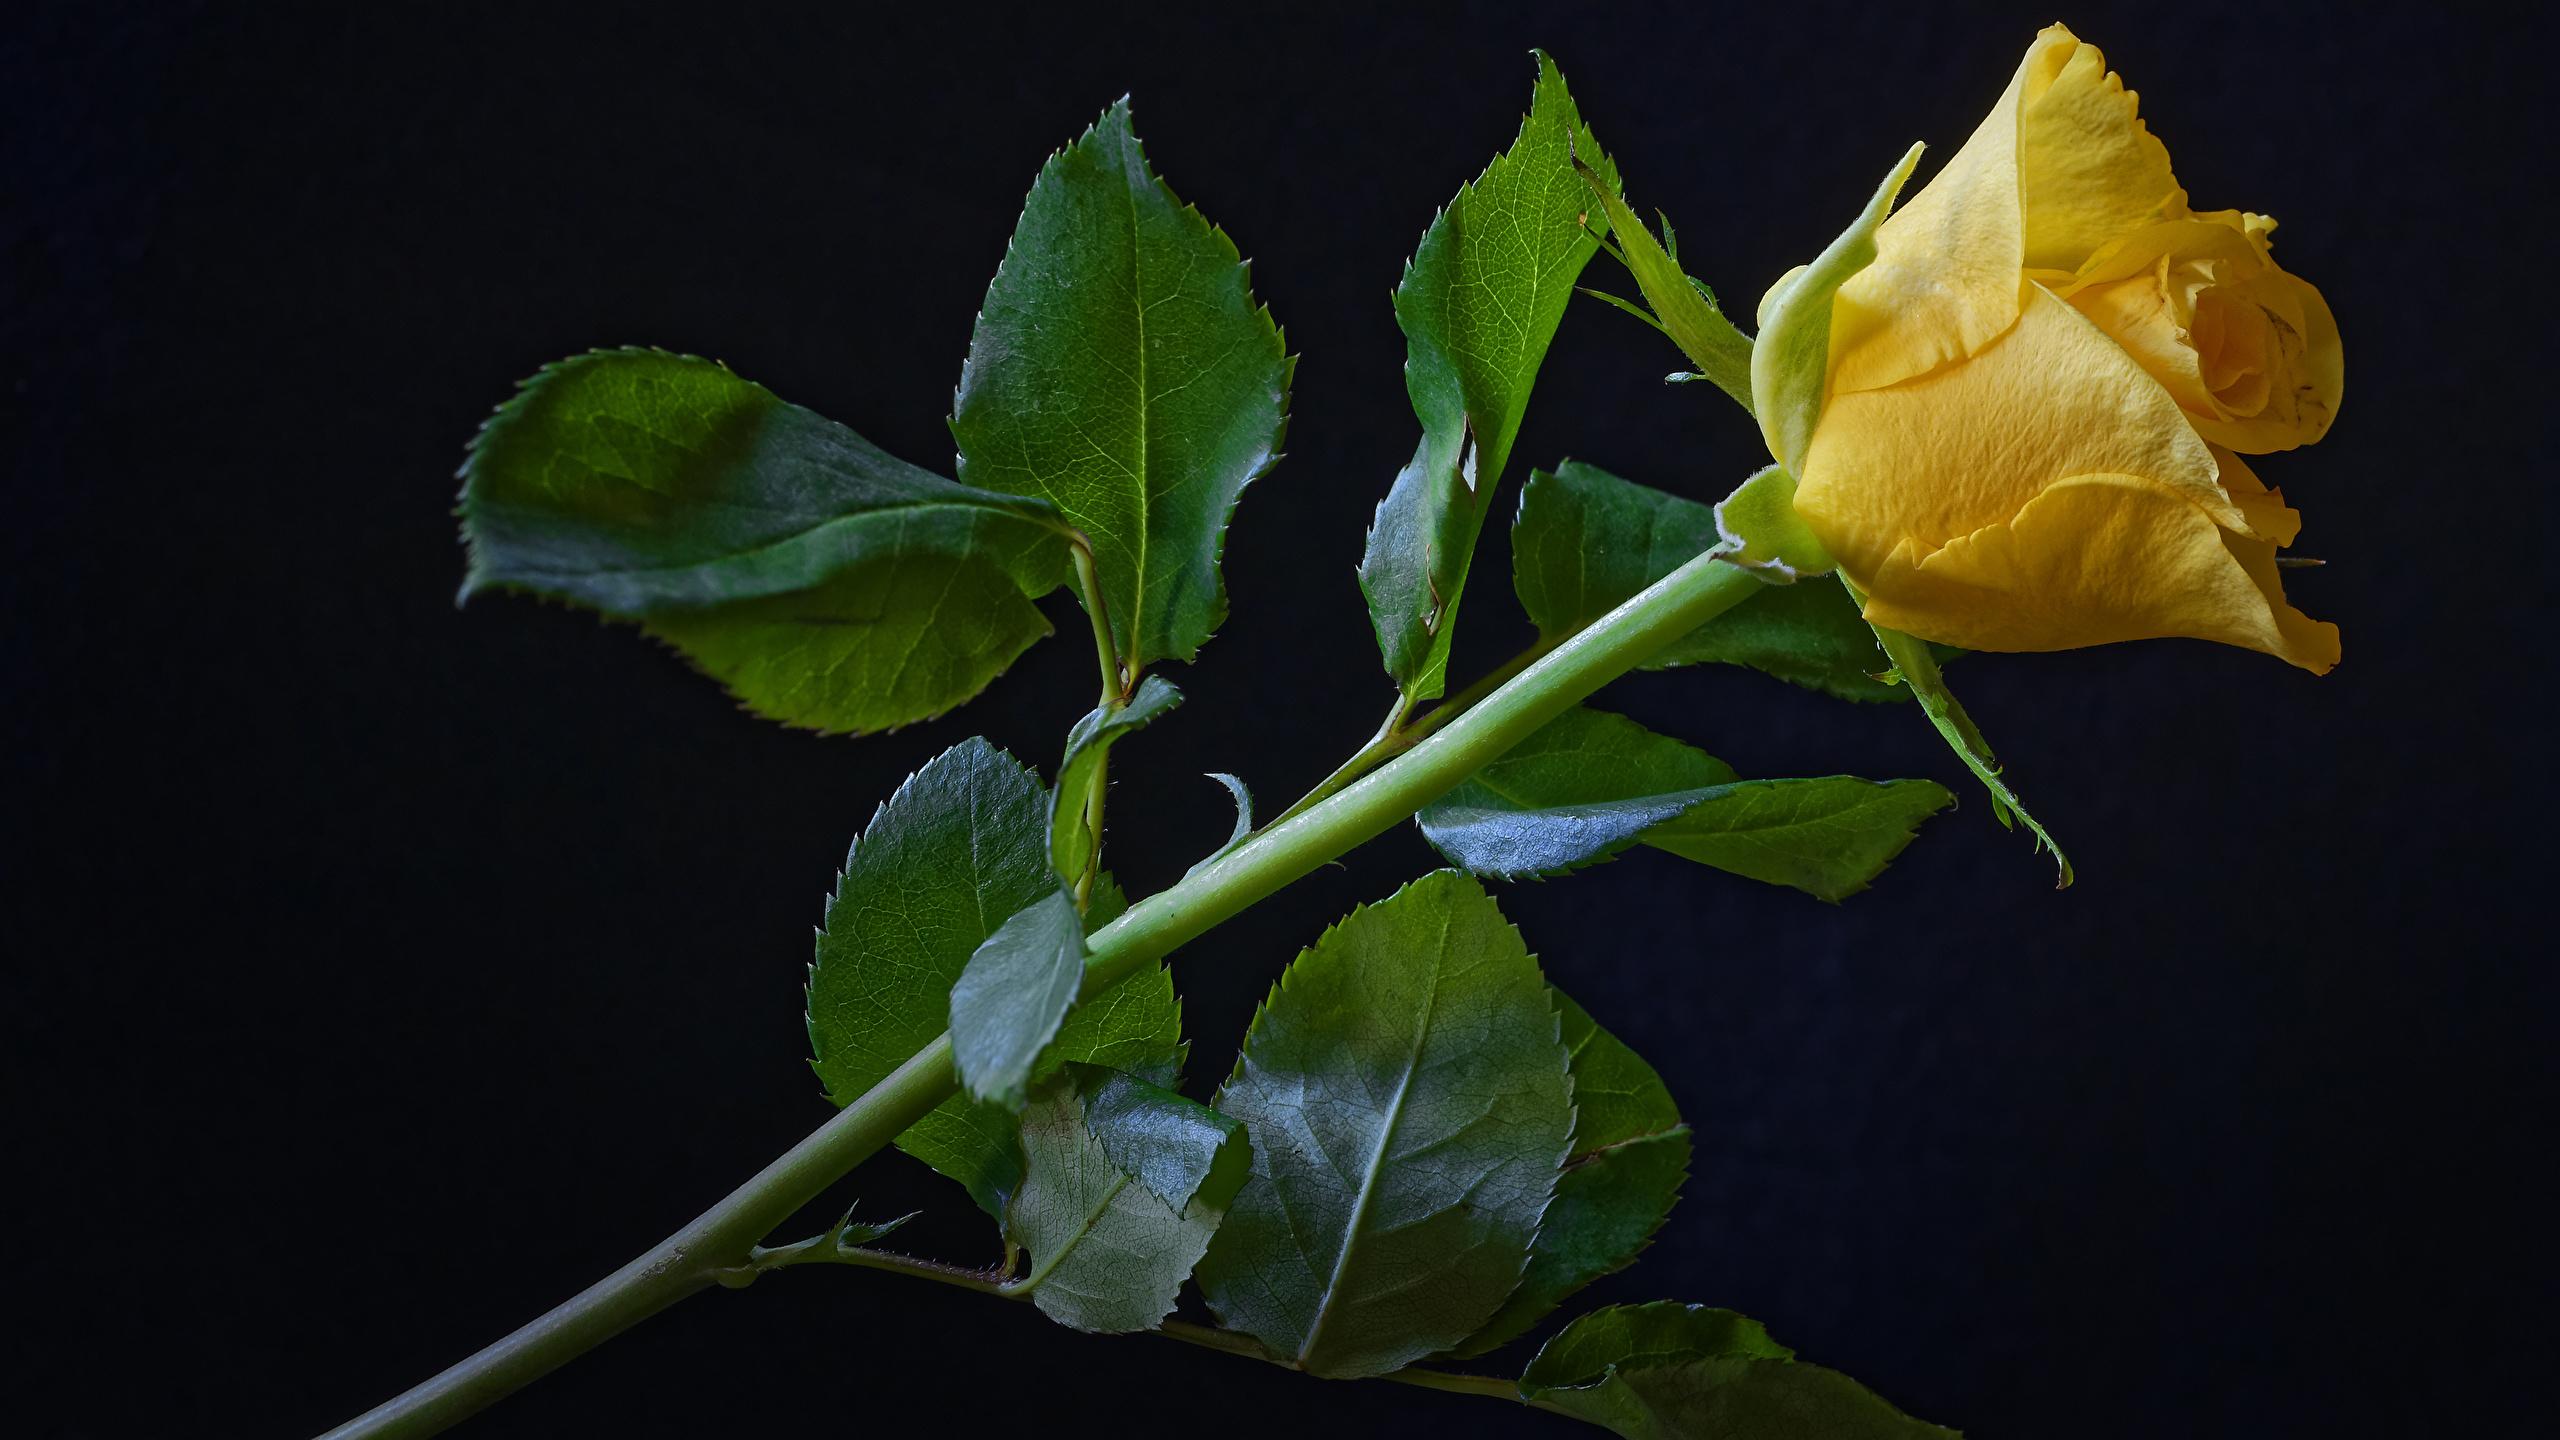 Картинки Розы желтых Цветы Черный фон Крупным планом 2560x1440 роза Желтый желтая желтые цветок вблизи на черном фоне